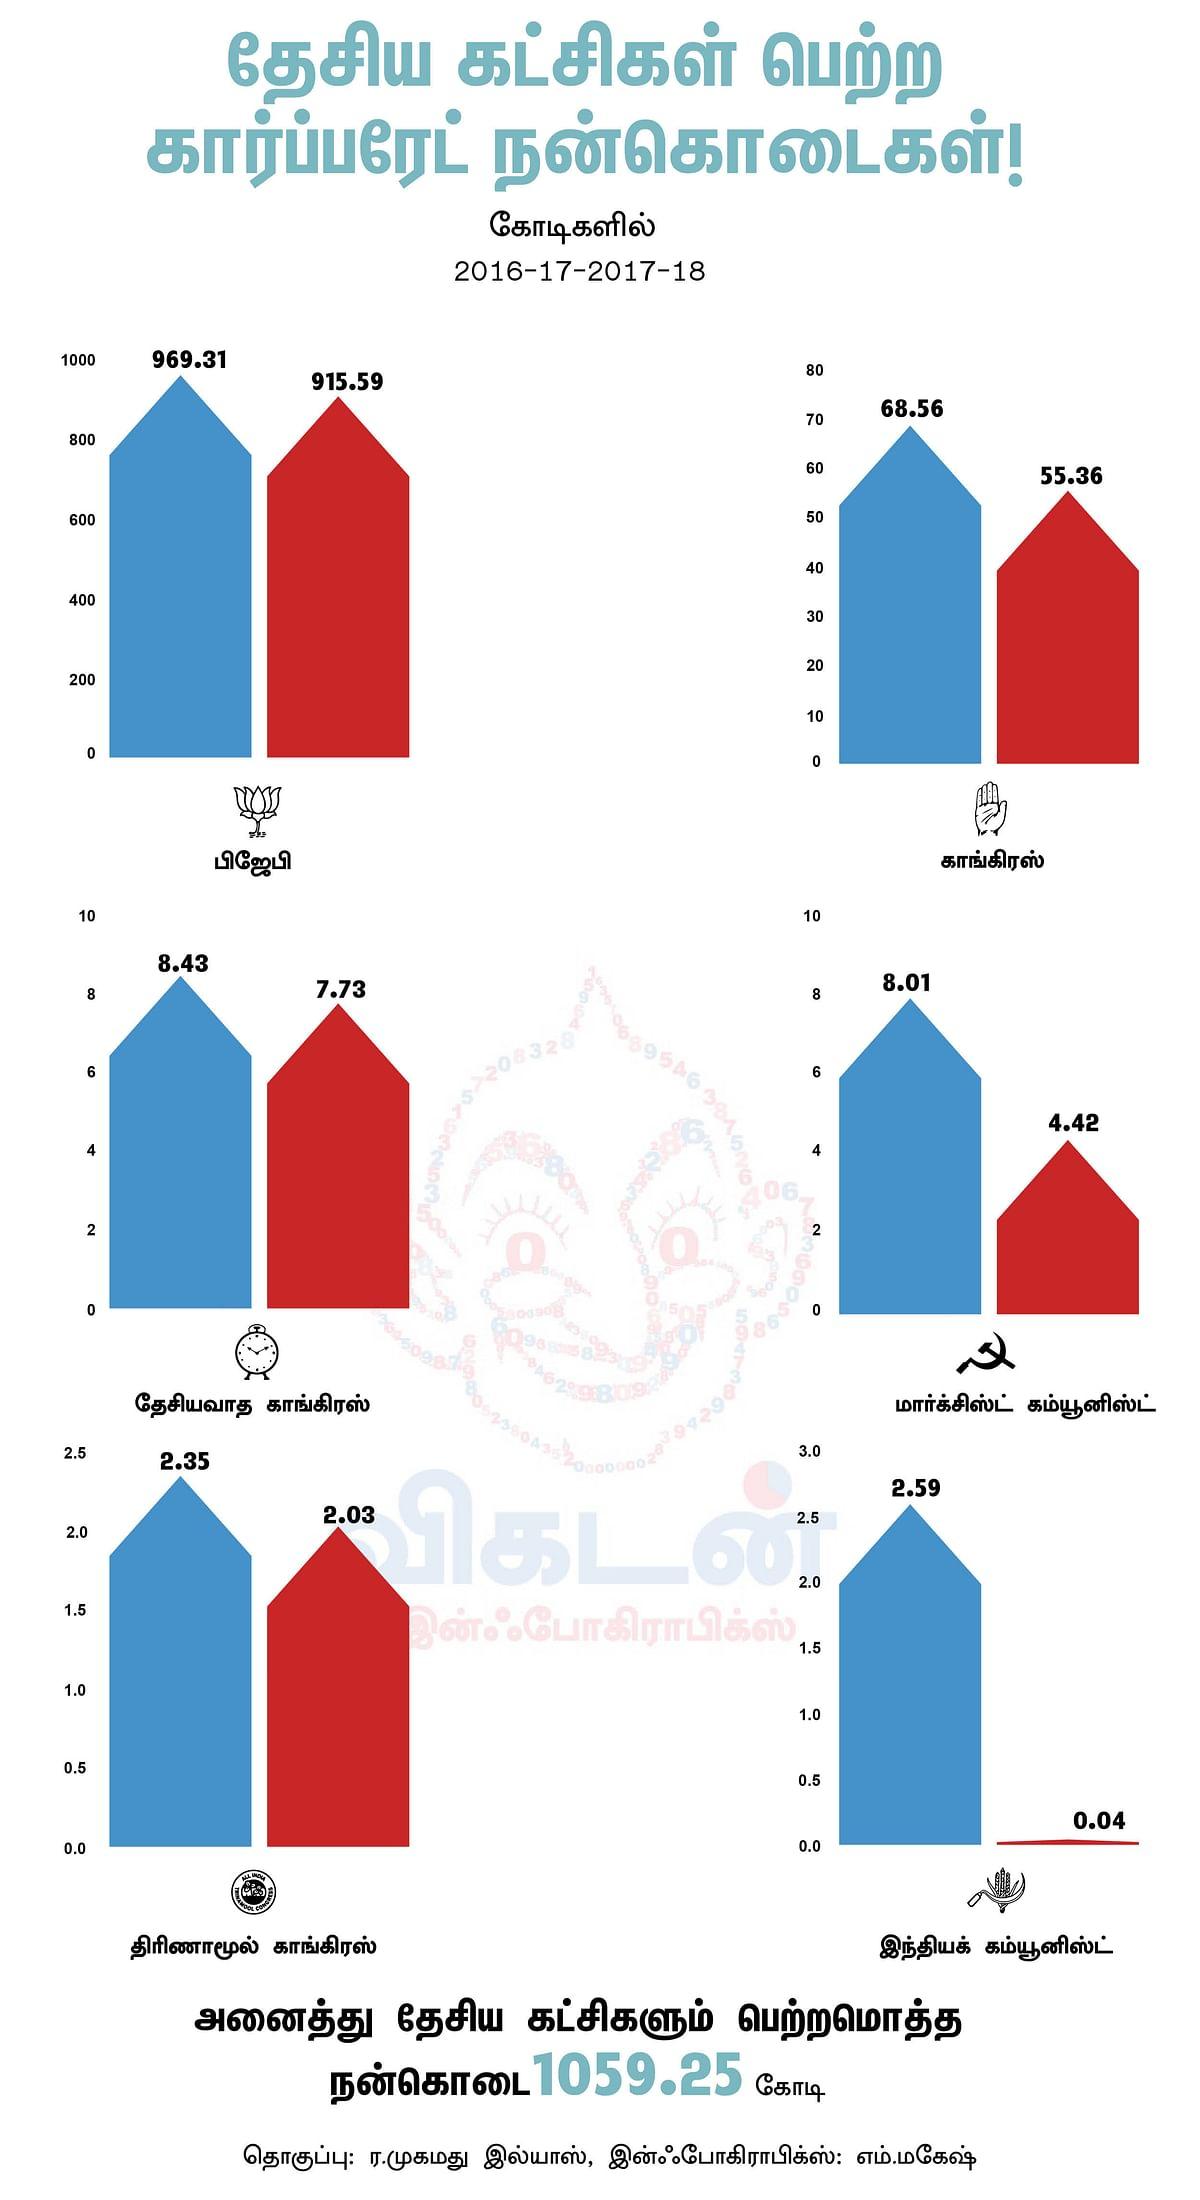 கார்ப்பரேட் நிறுவனங்களிடம் தேசியக் கட்சிகள் பெற்ற நன்கொடை